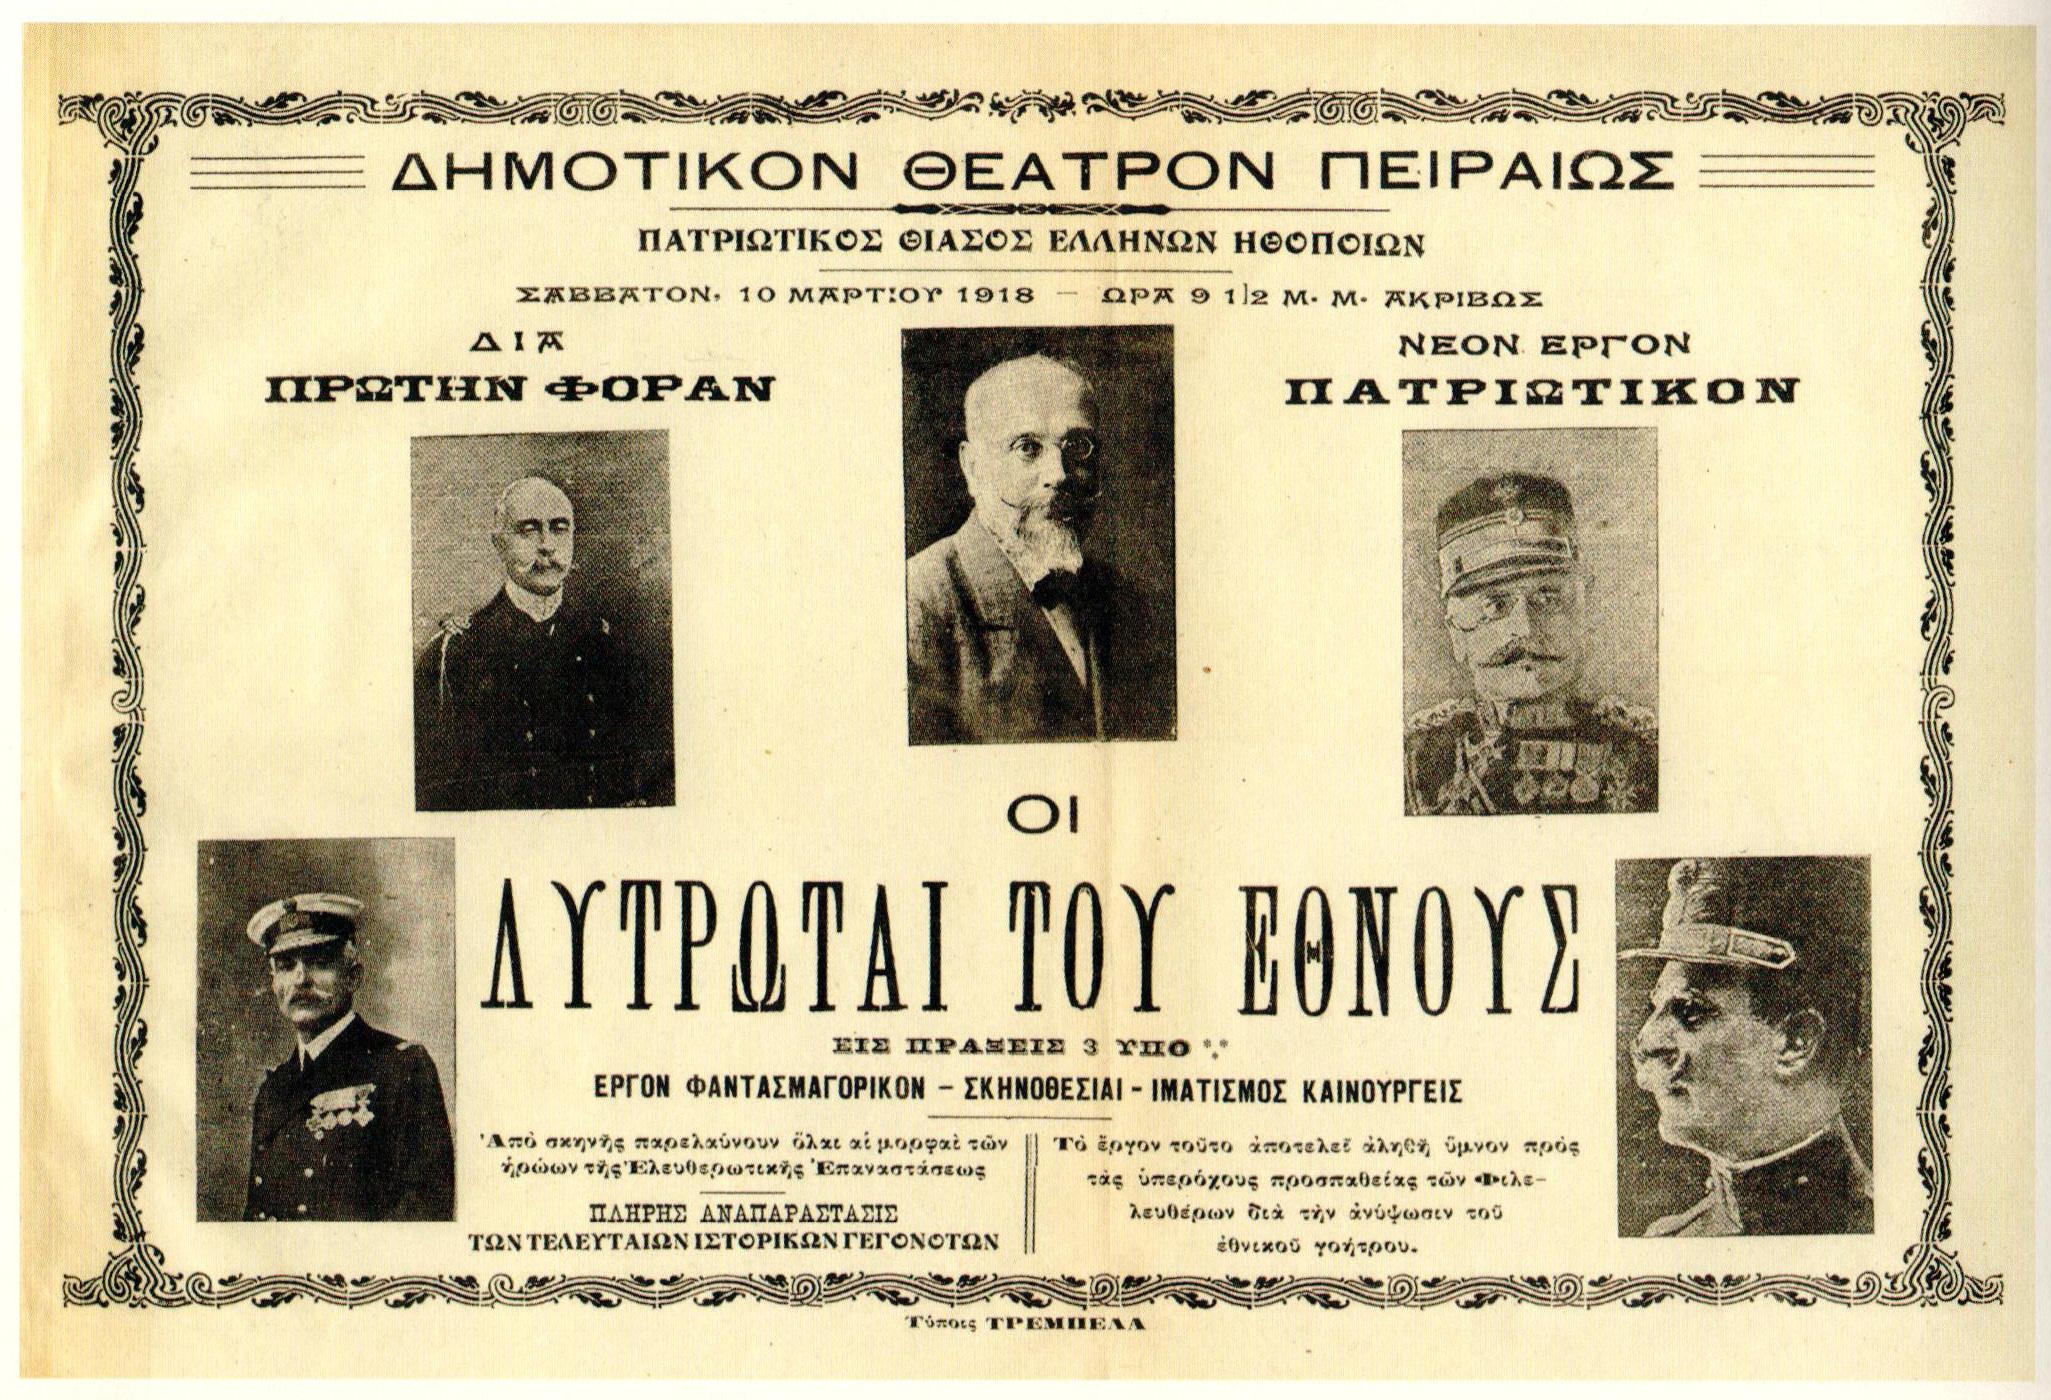 Αφίσα της παράστασης Οι λυτρωταί του Έθνους, 1918.